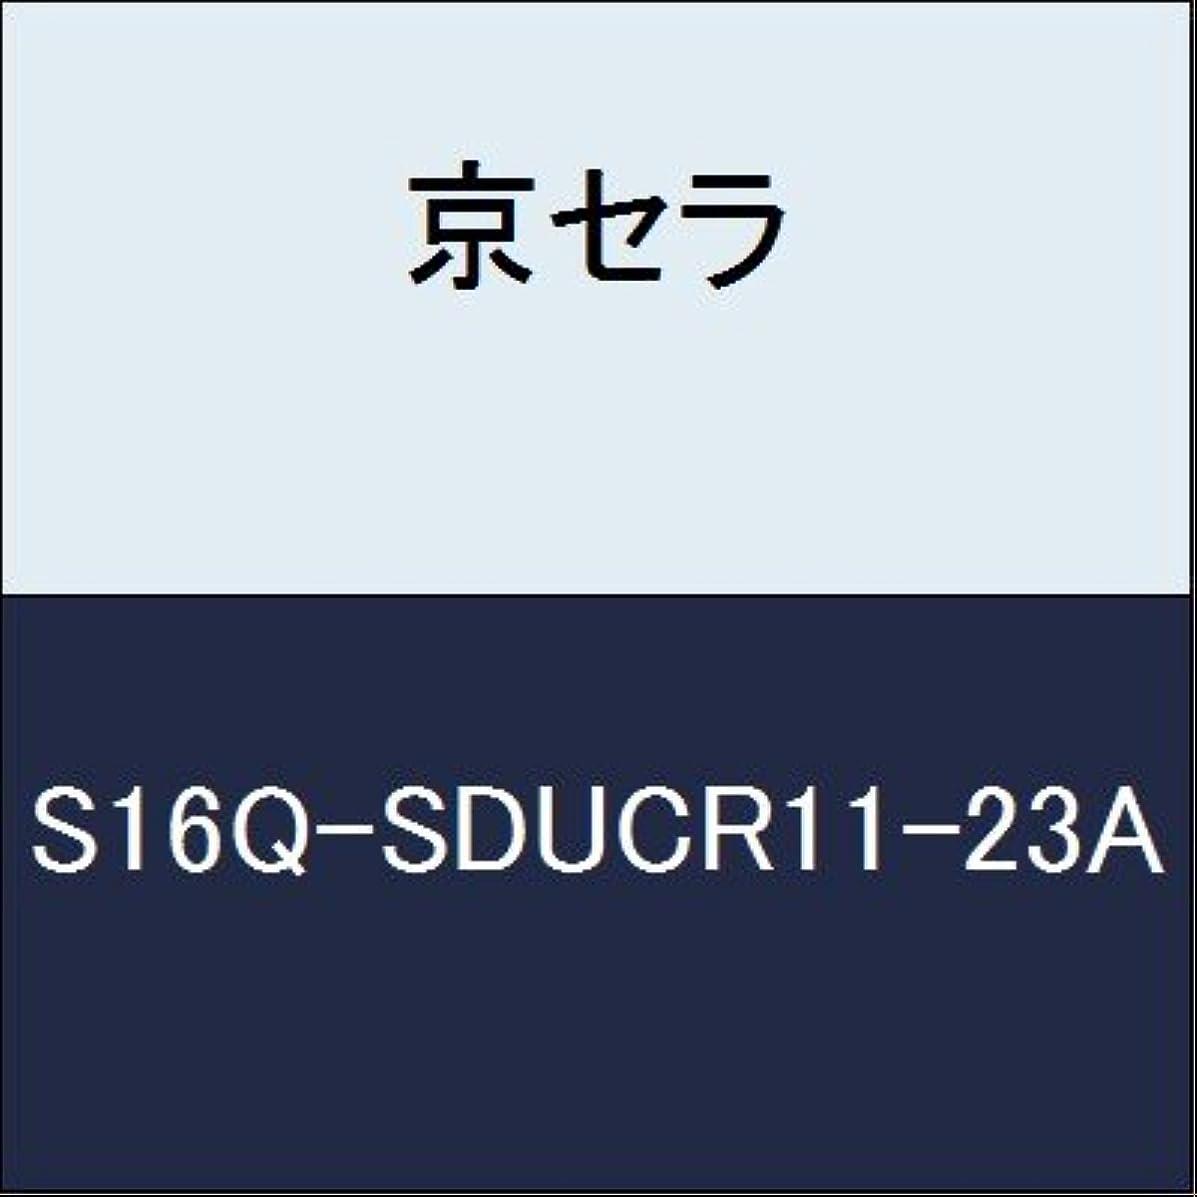 費やすとまり木かかわらず京セラ 切削工具 ダイナミックバー S16Q-SDUCR11-23A